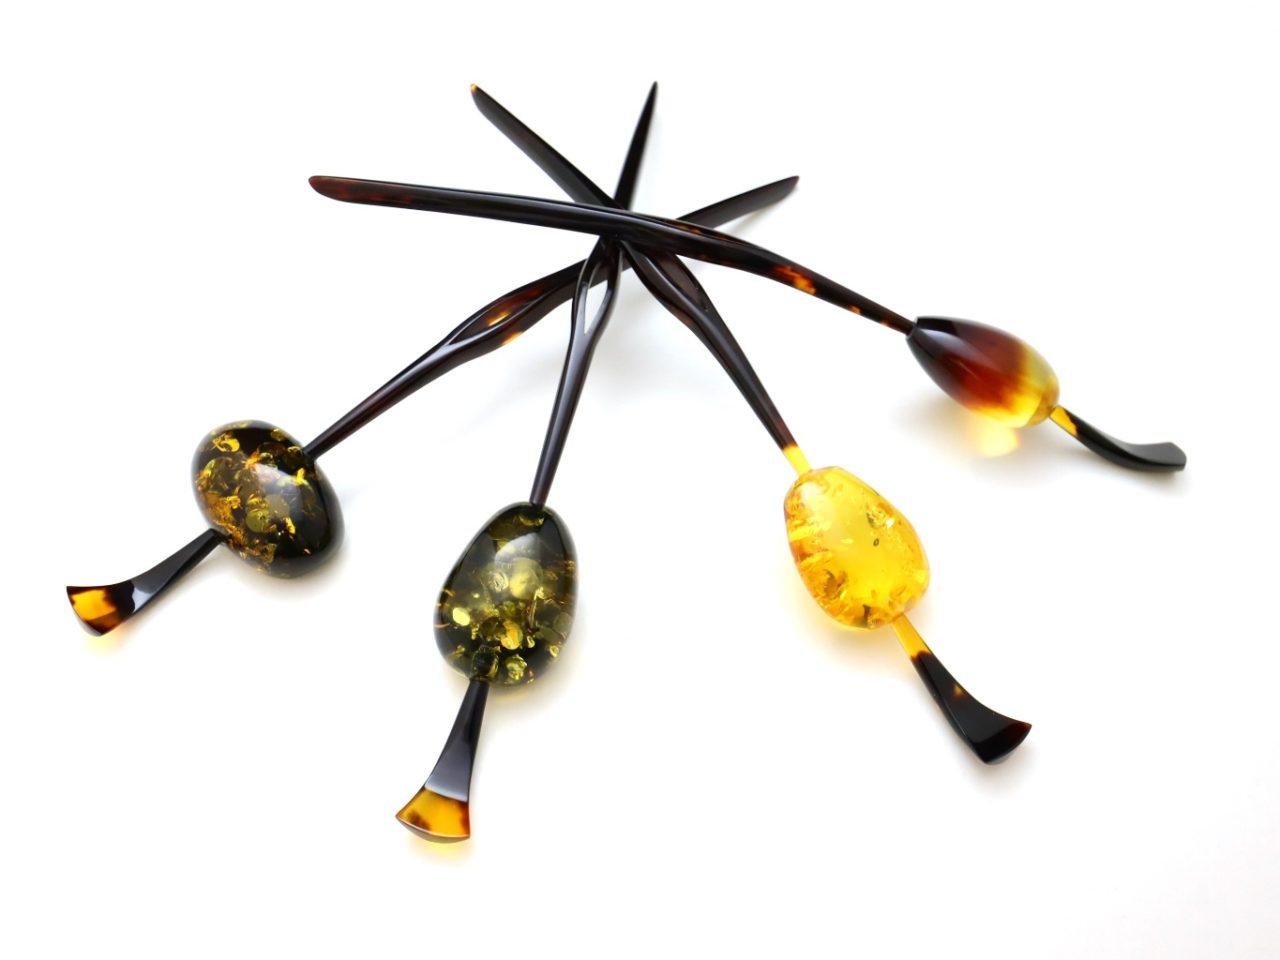 べっ甲バルティックアンバー(琥珀)一本挿し2021|美しい天然琥珀の上品な輝きを纏う。